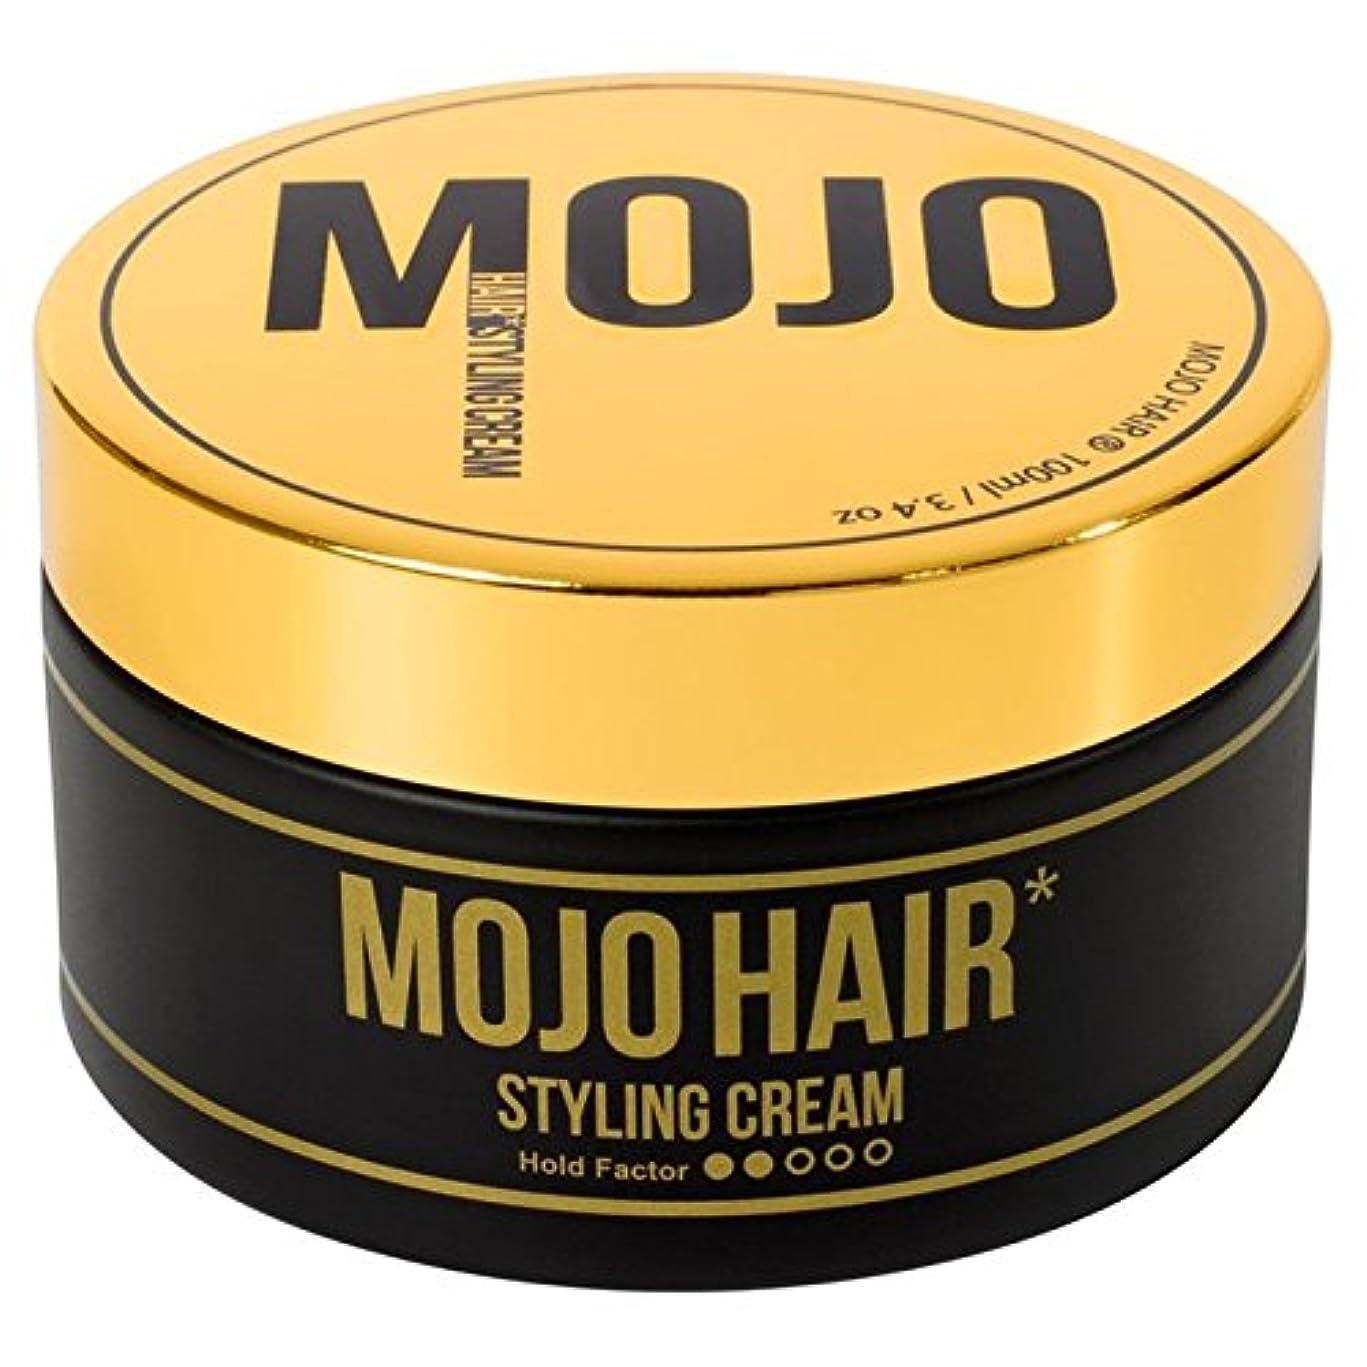 ダッシュ超える息を切らして100ミリリットル男性のためのモジョのヘアスタイリングクリーム x4 - MOJO HAIR Styling Cream for Men 100ml (Pack of 4) [並行輸入品]